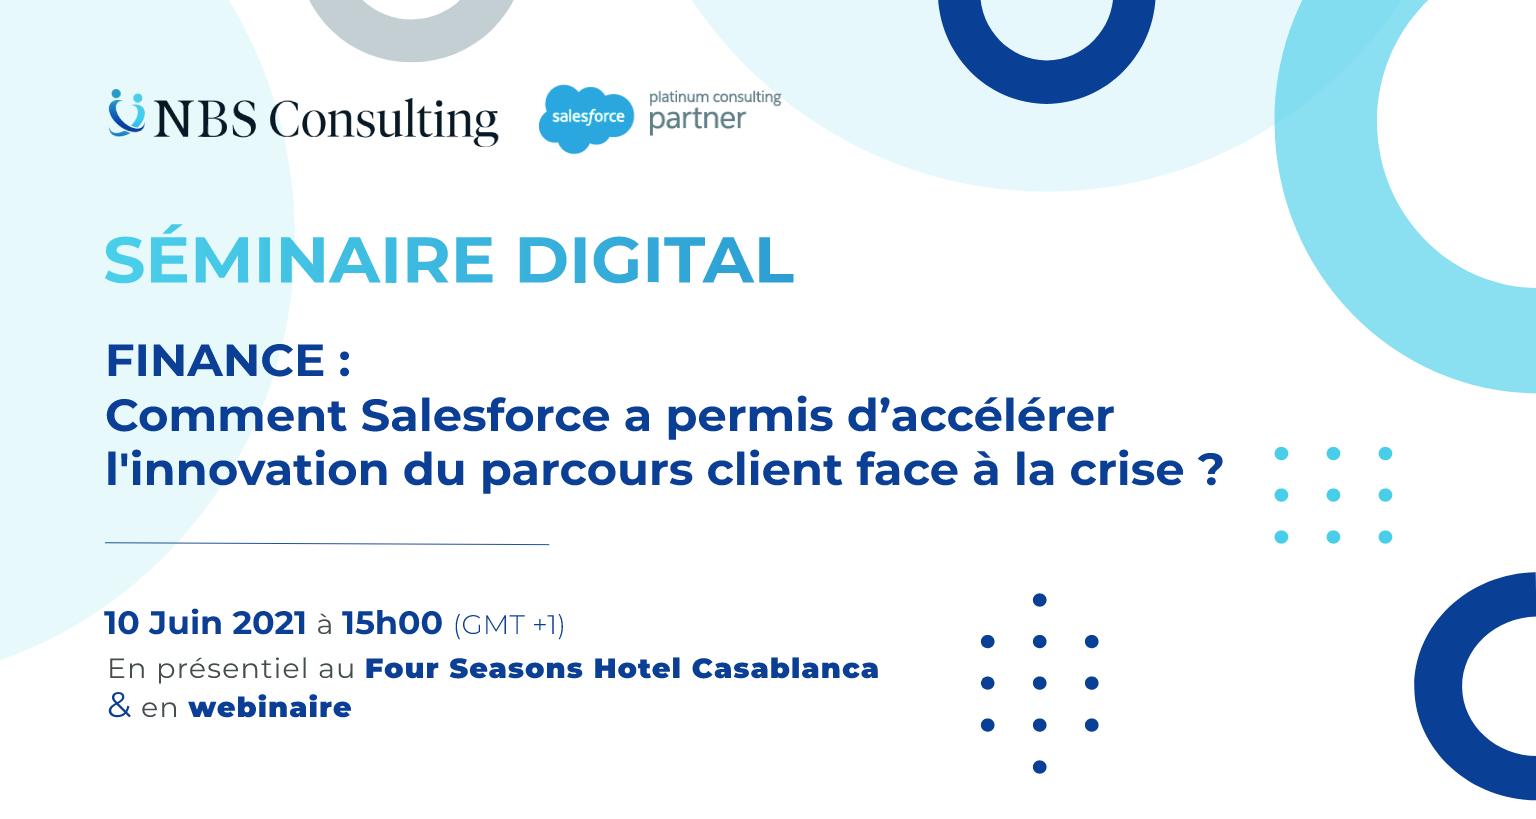 Séminaire Digital : Secteur Finance